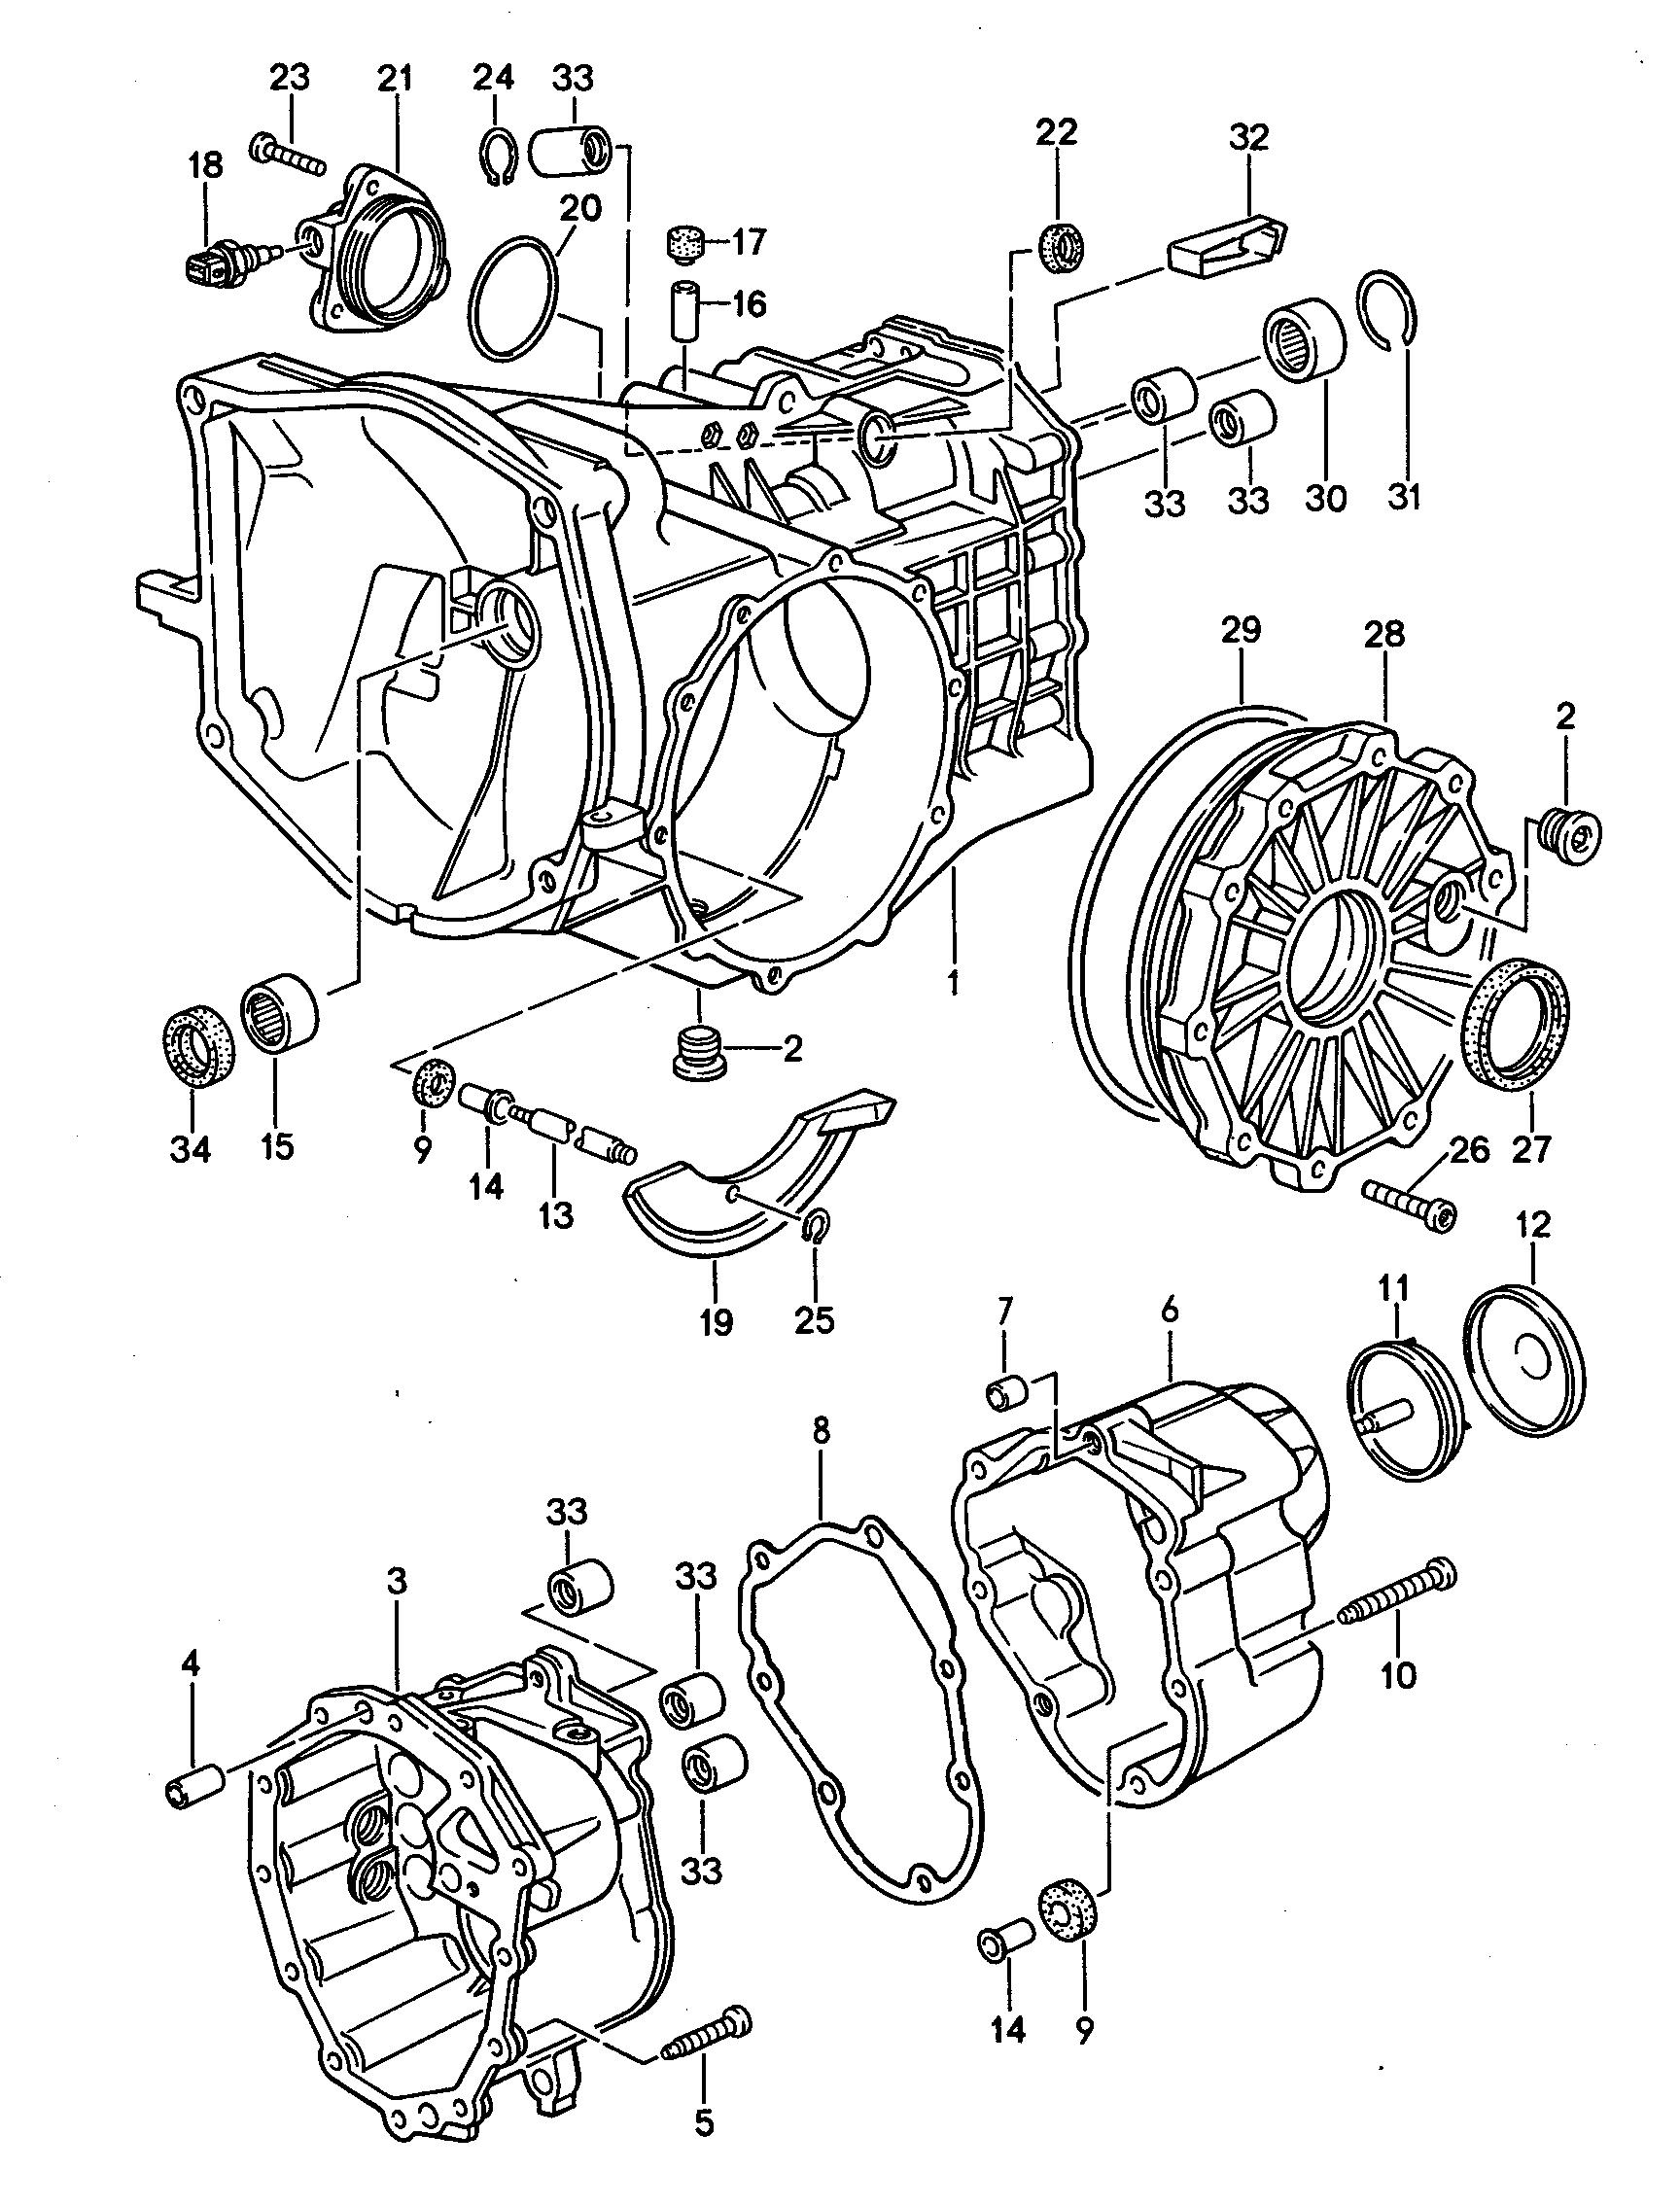 Porsche 968 (1992 - 1995) - Transmission case. Replacement ... on porsche 996 diagrams, corvette schematics diagrams, porsche 914 wiring harness, porsche transmission, banquet style meeting room set up diagrams, fluid power diagrams, complete streets diagrams, porsche parts diagrams, porsche engine, porsche blueprints,